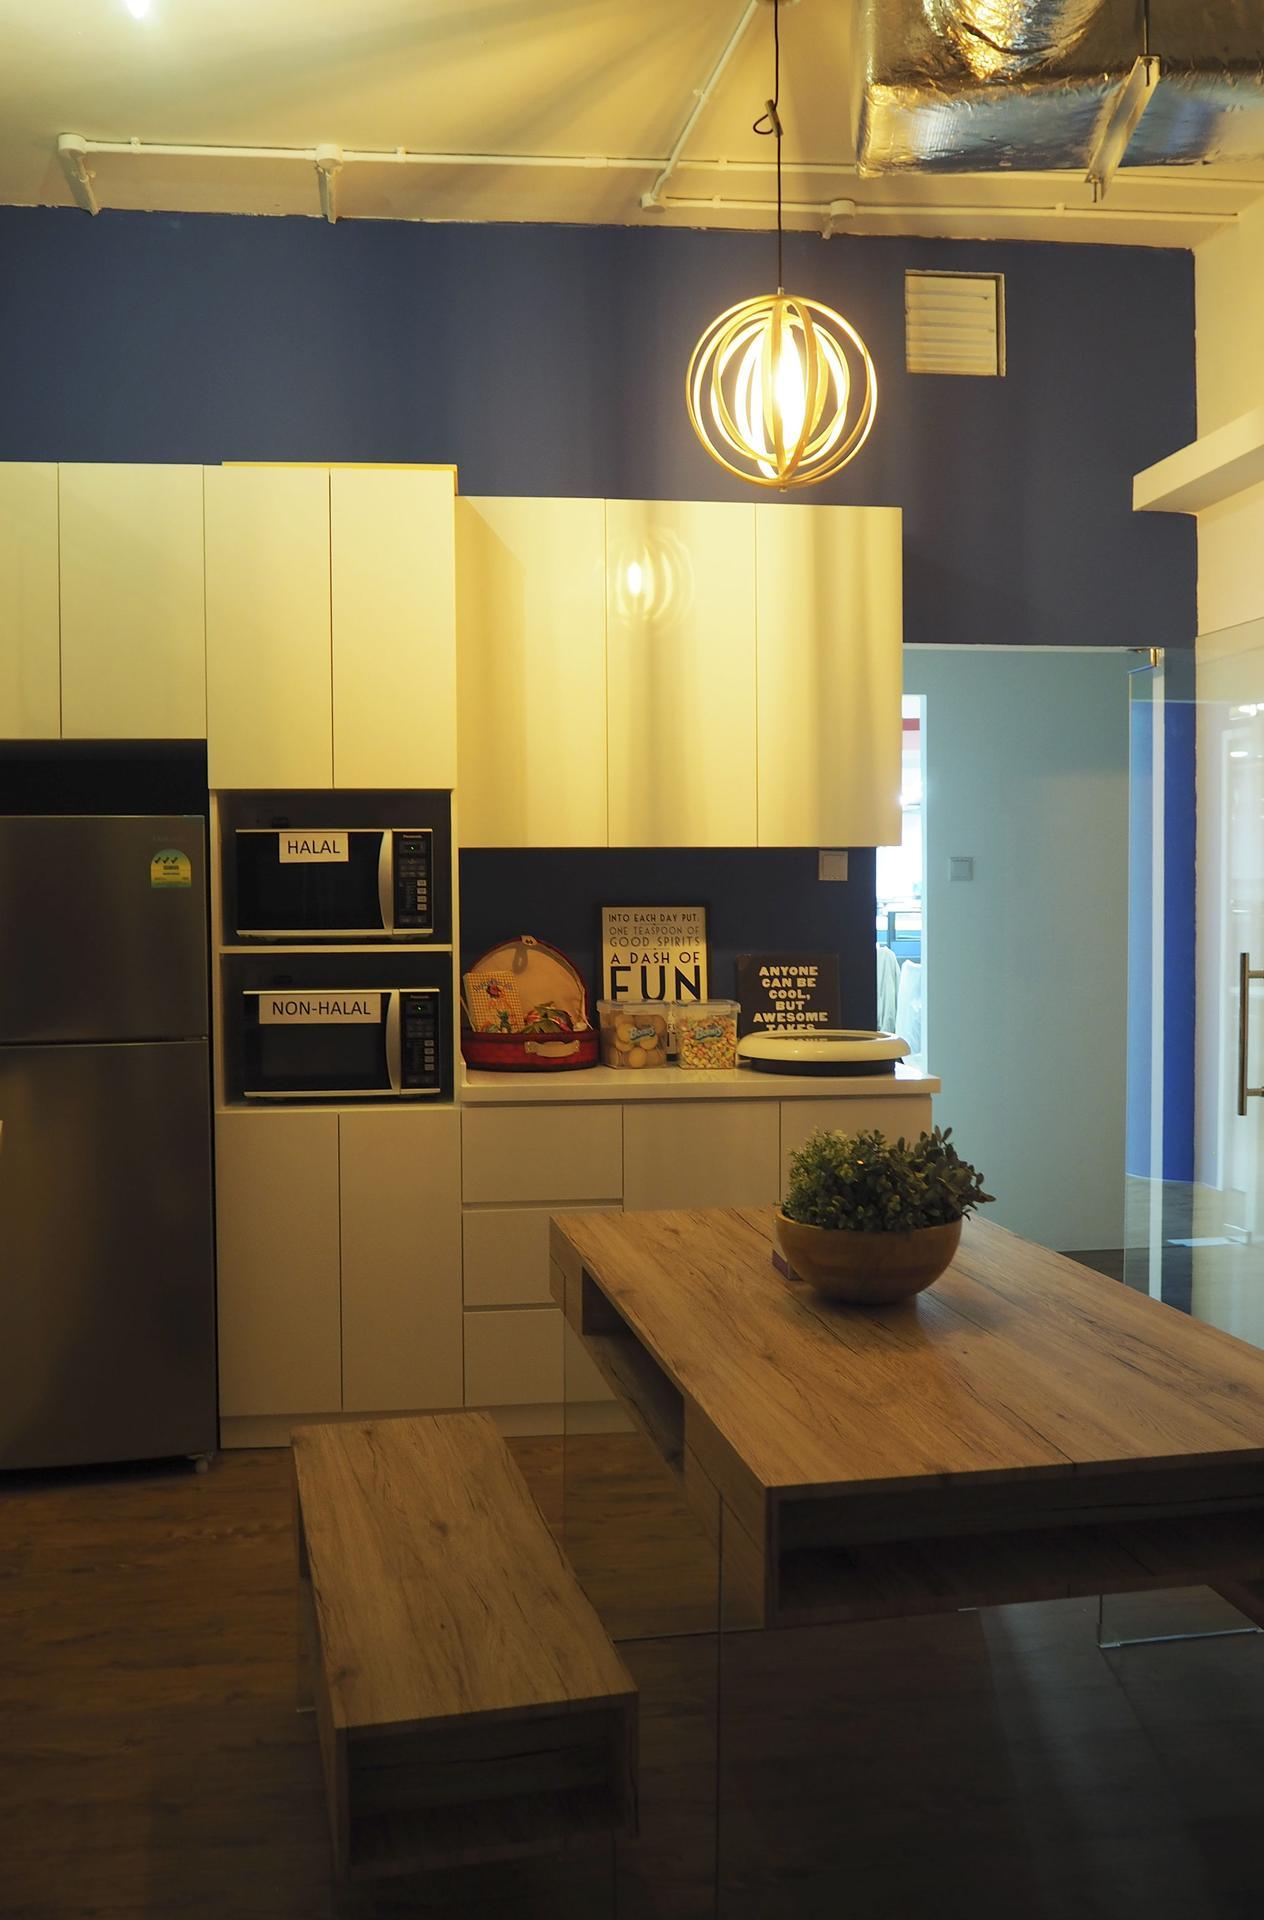 Nest design 7 home renovation singapore for Nest home design